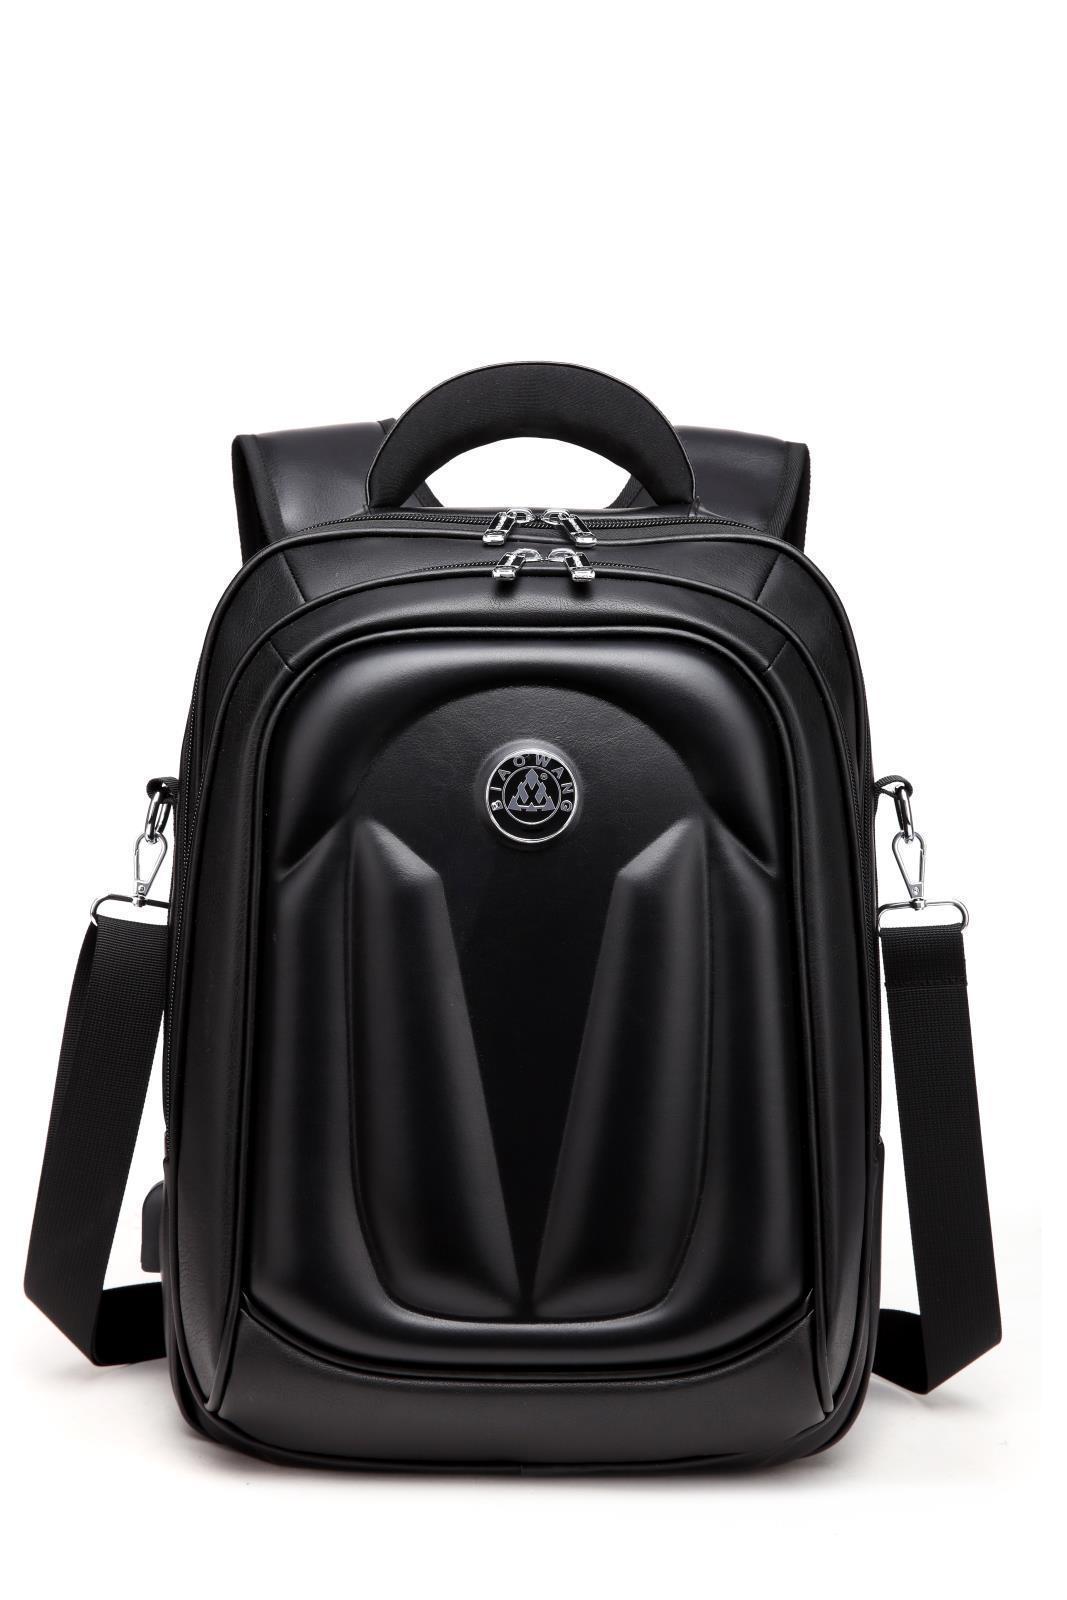 Biao Wang Grande Capacità Business Tempo libero Sport all'aperto Studente Studente Schoolbag PU in pelle Backpack Computer Uomo